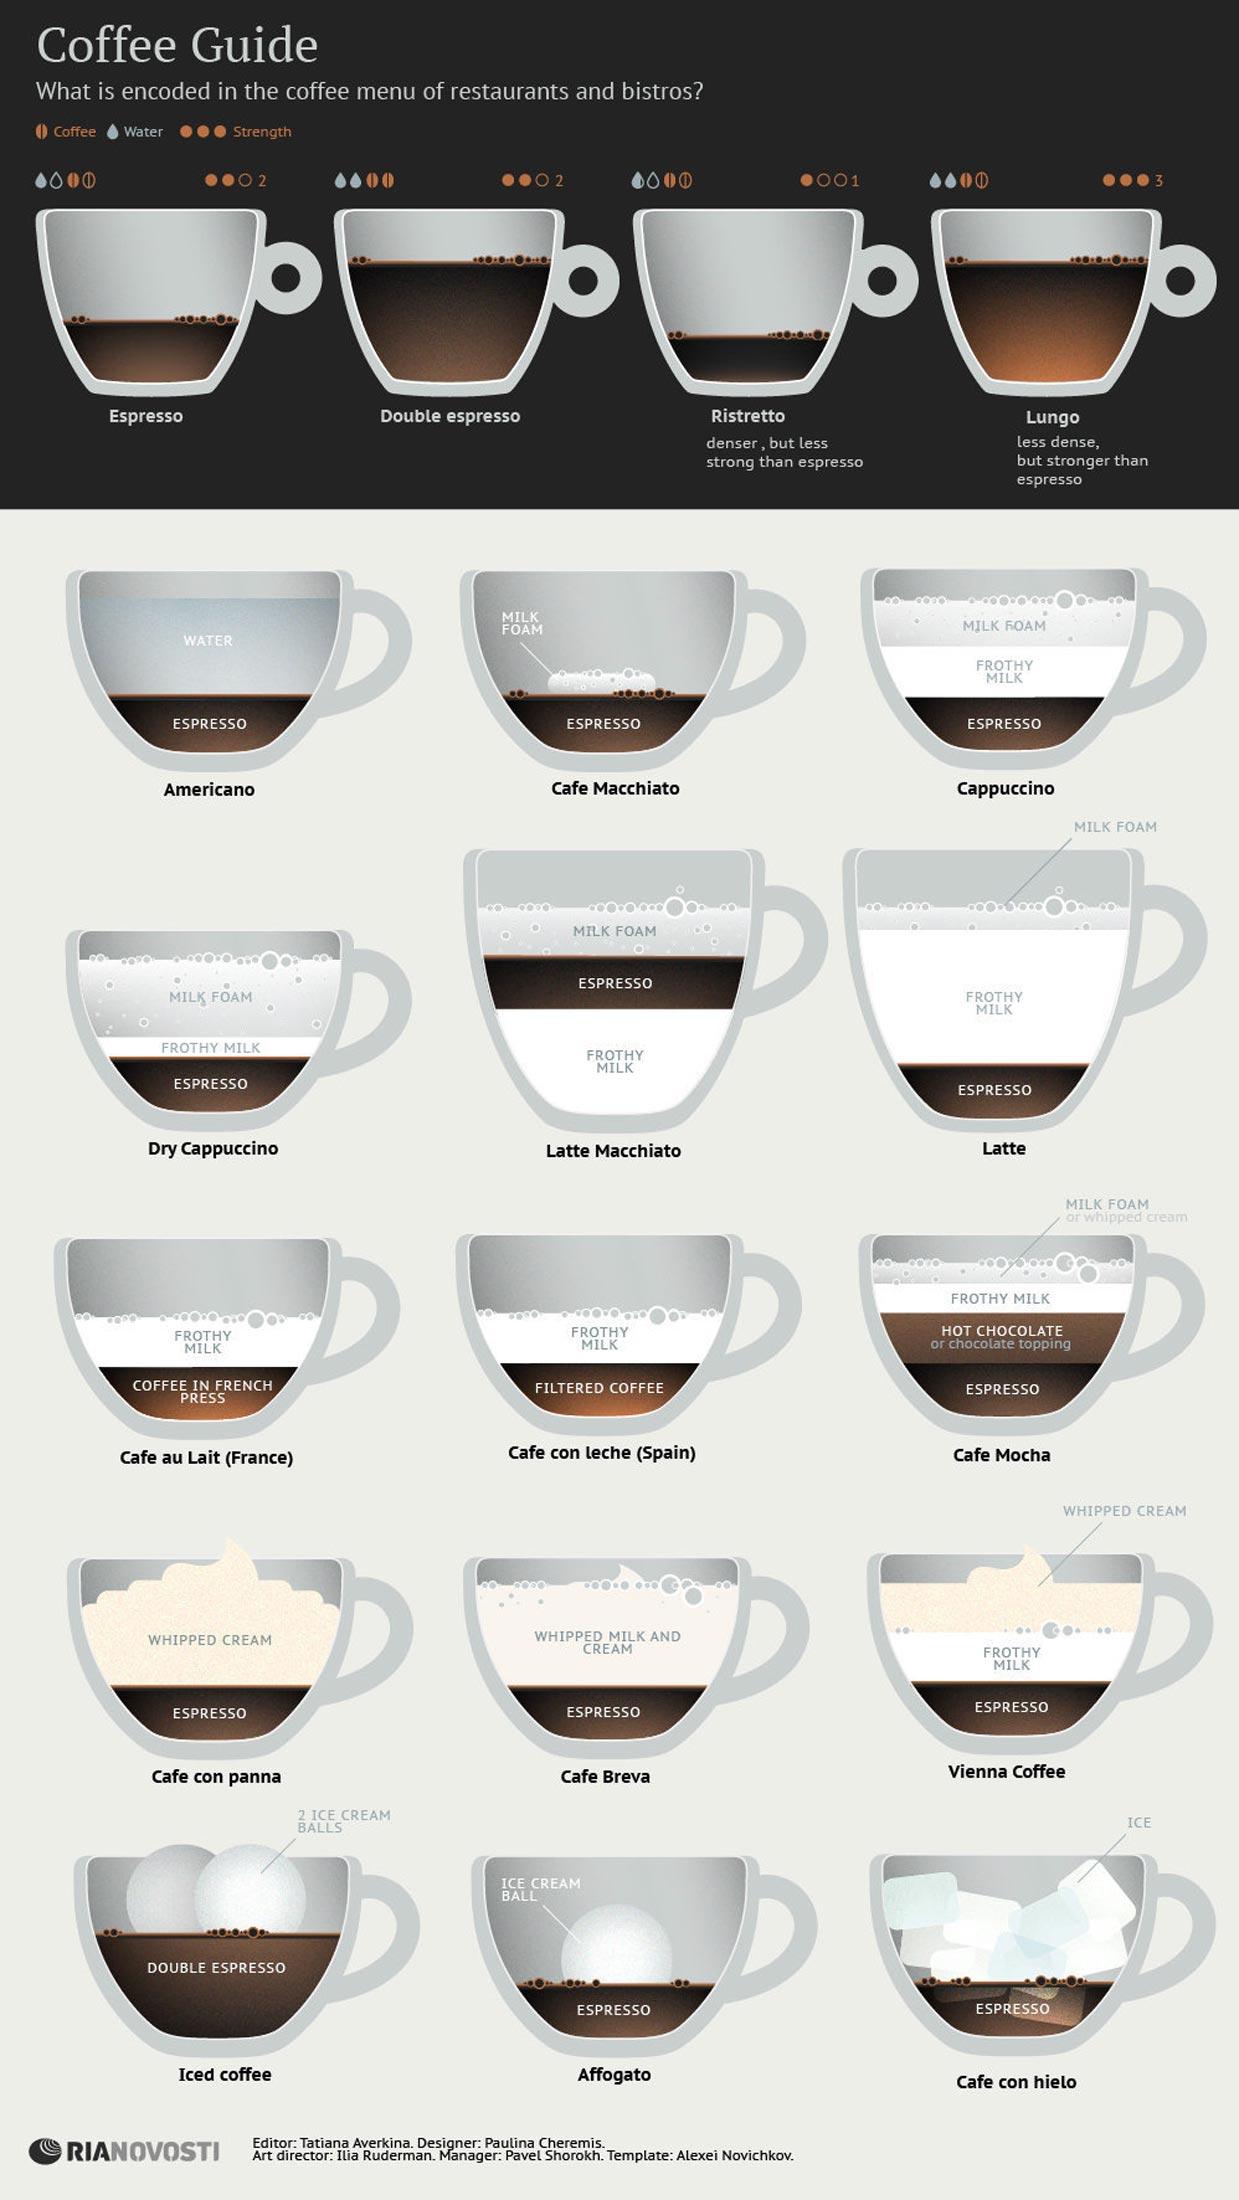 Kaffee-Arten Übersicht und Vergleich